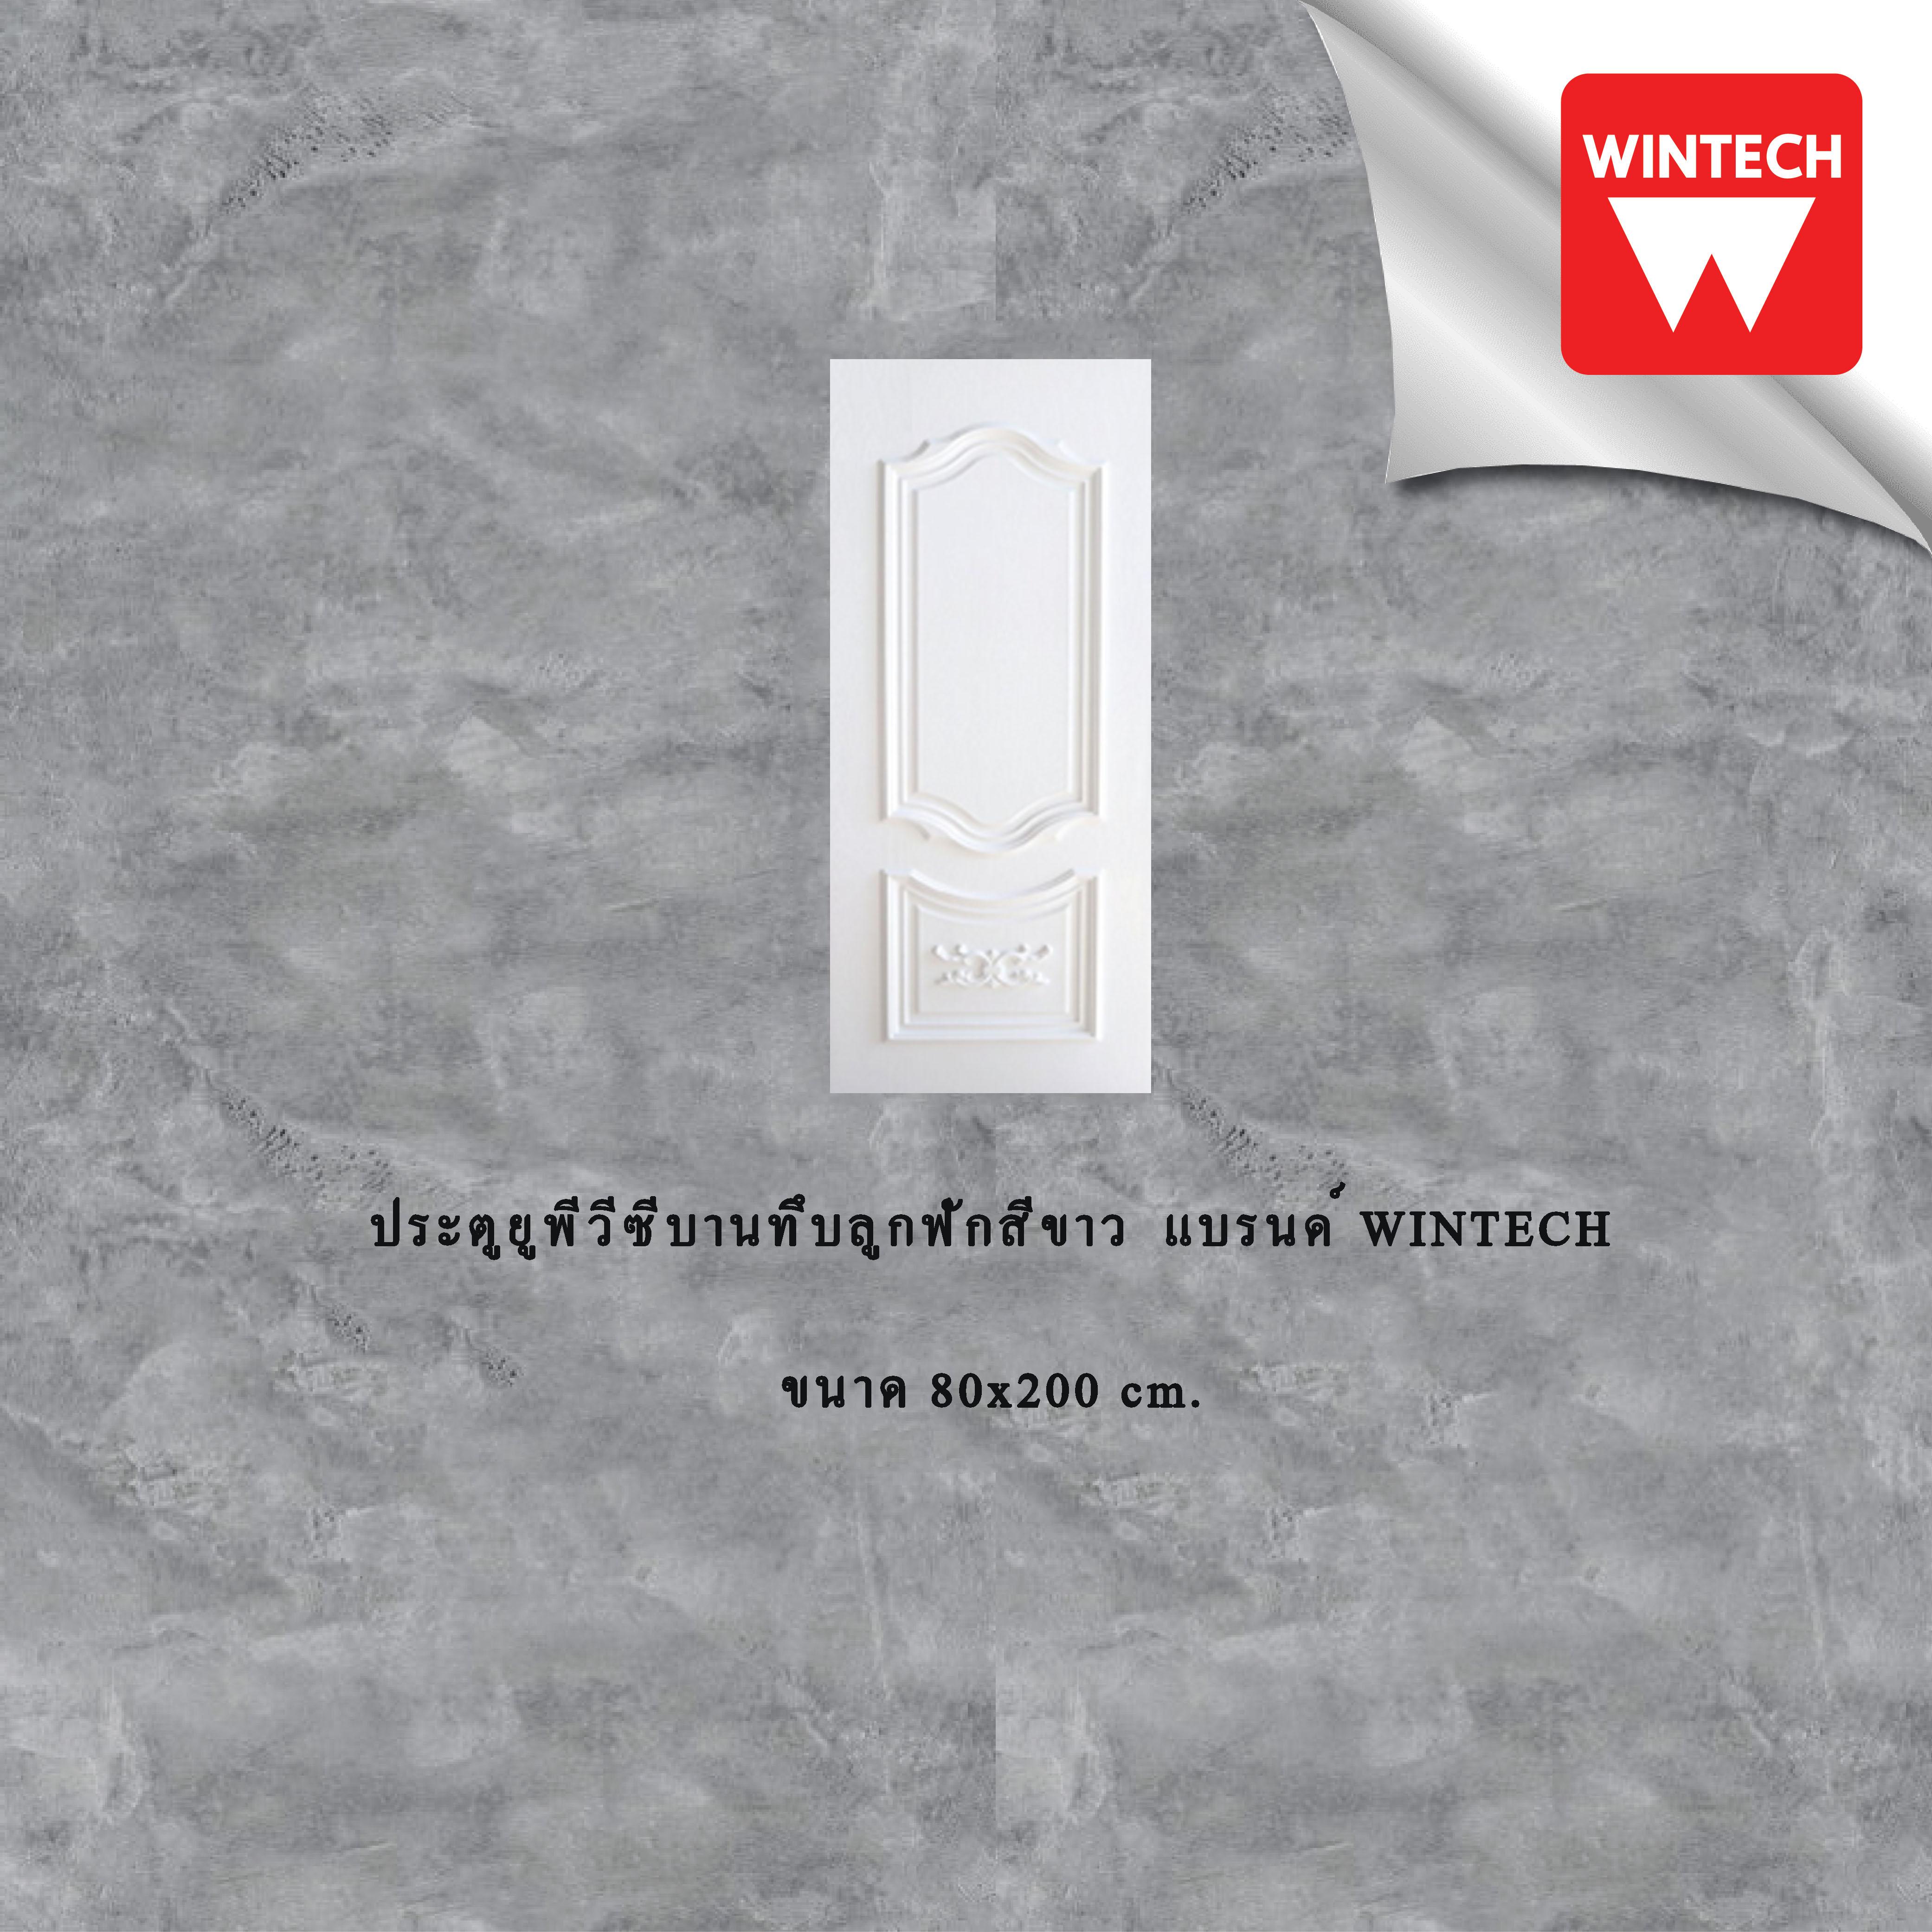 ประตูบานพีวีซีบานทึบ 2 ลูกฟักมีลายสีขาว wintech